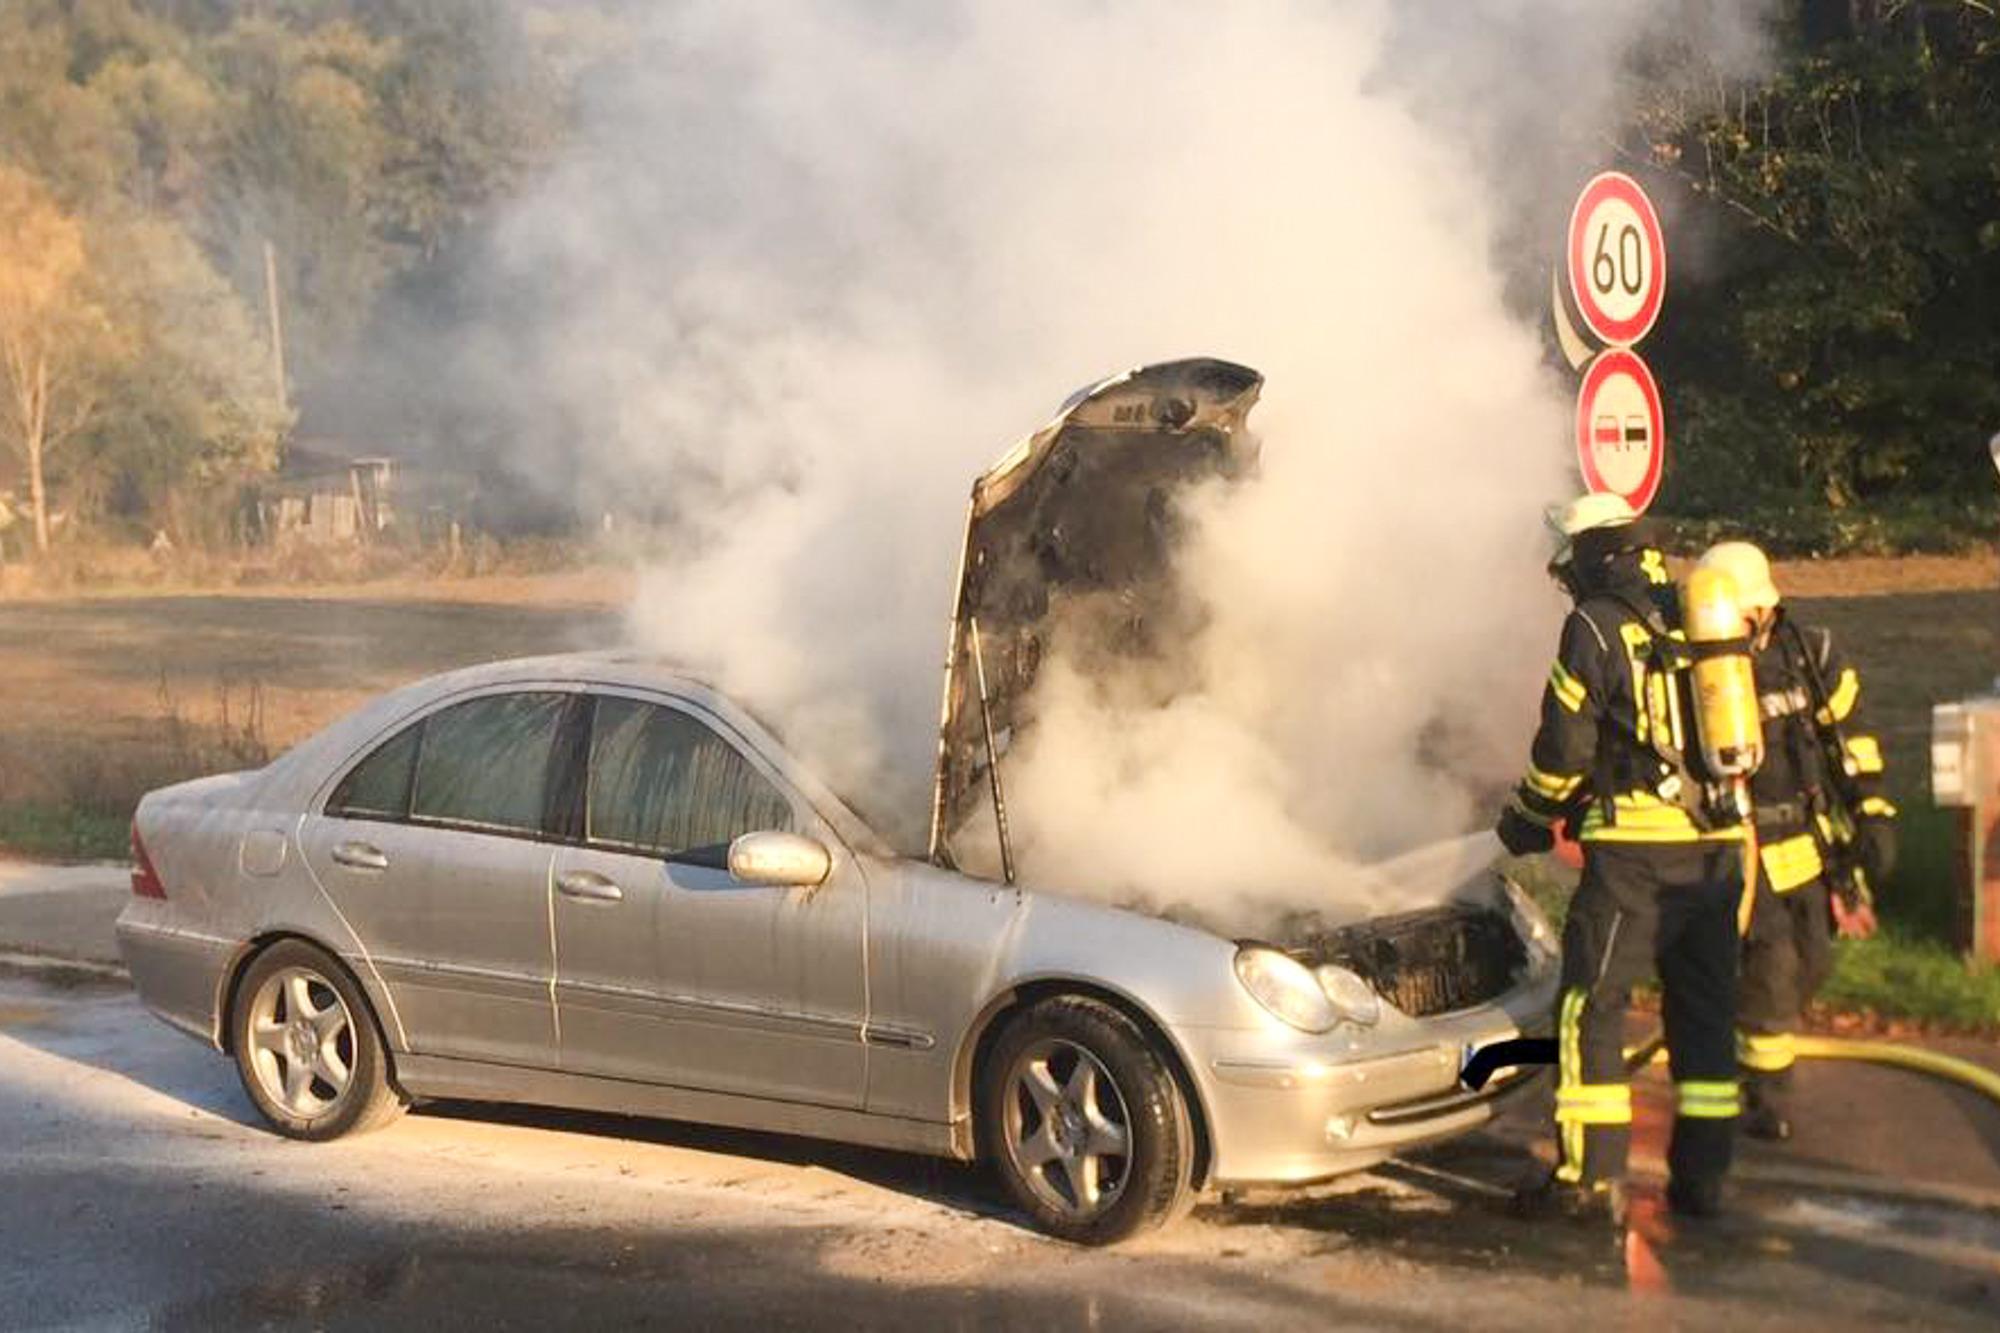 Meckesheim Mercedes Ging In Flammen Auf Nachrichten